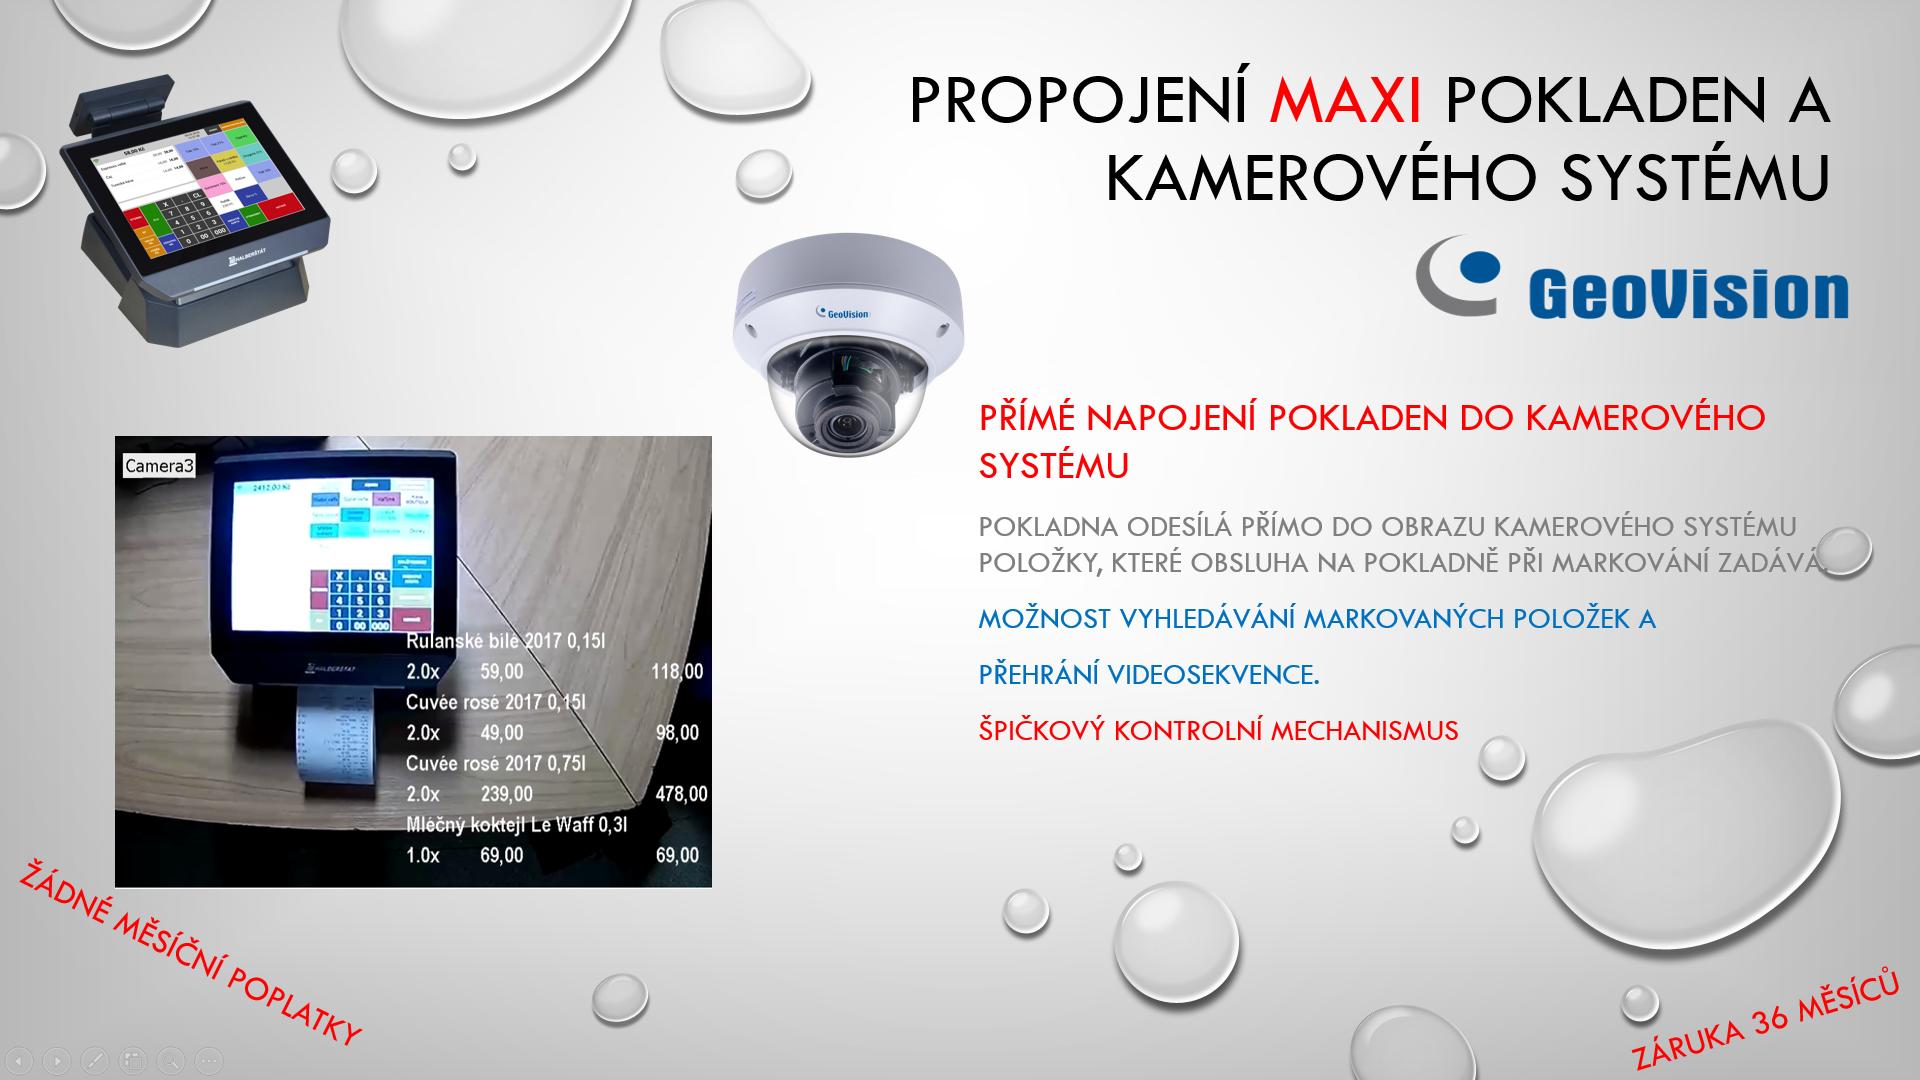 Nové propojení MAXI pokladen a kamerového systému GeoVision